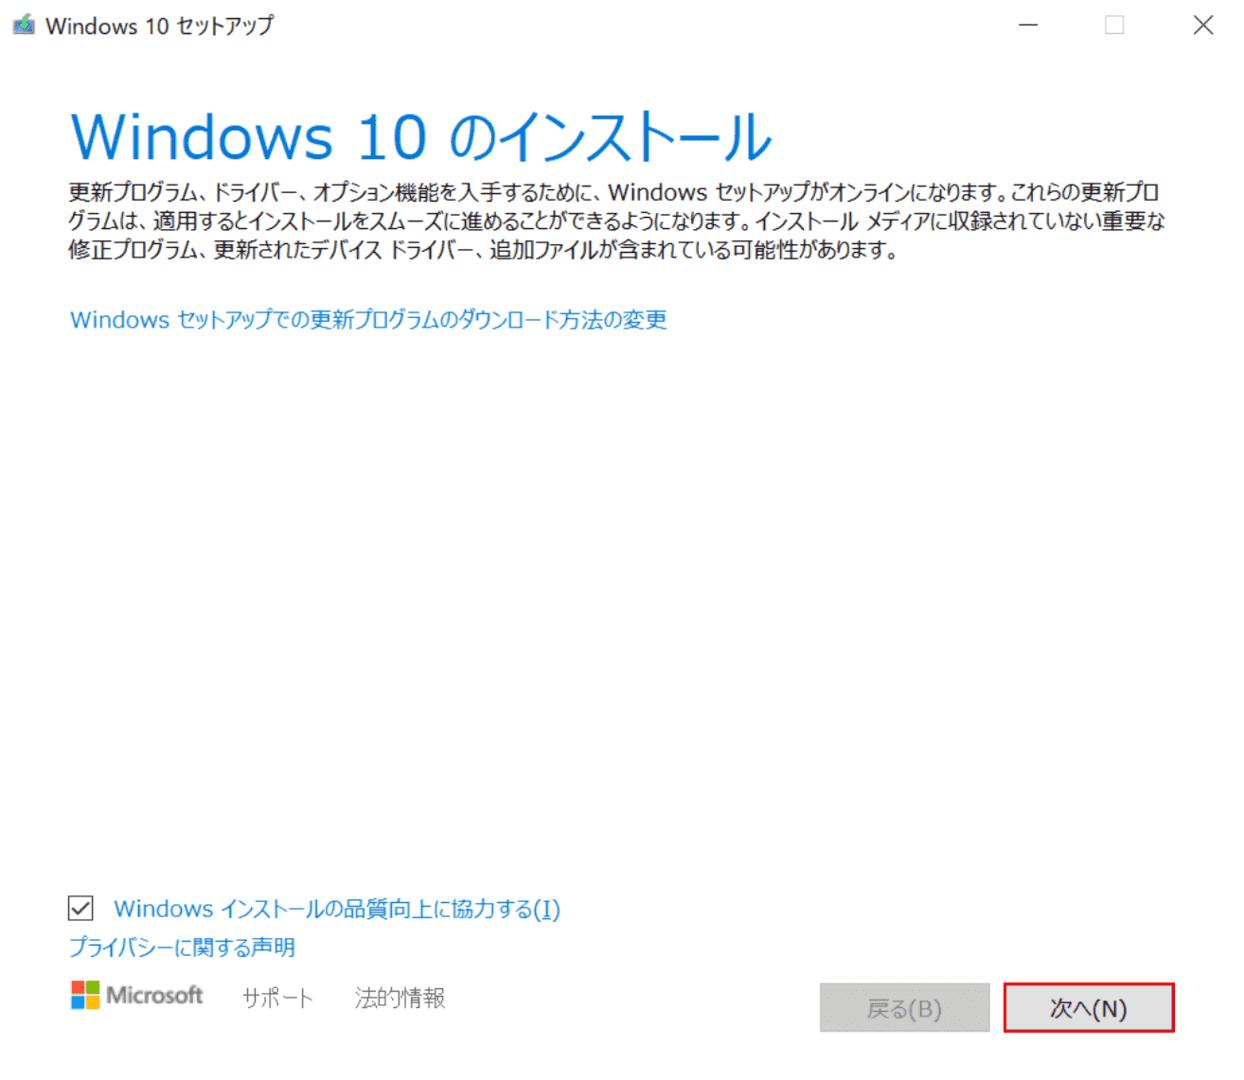 Windows 10セットアップの起動